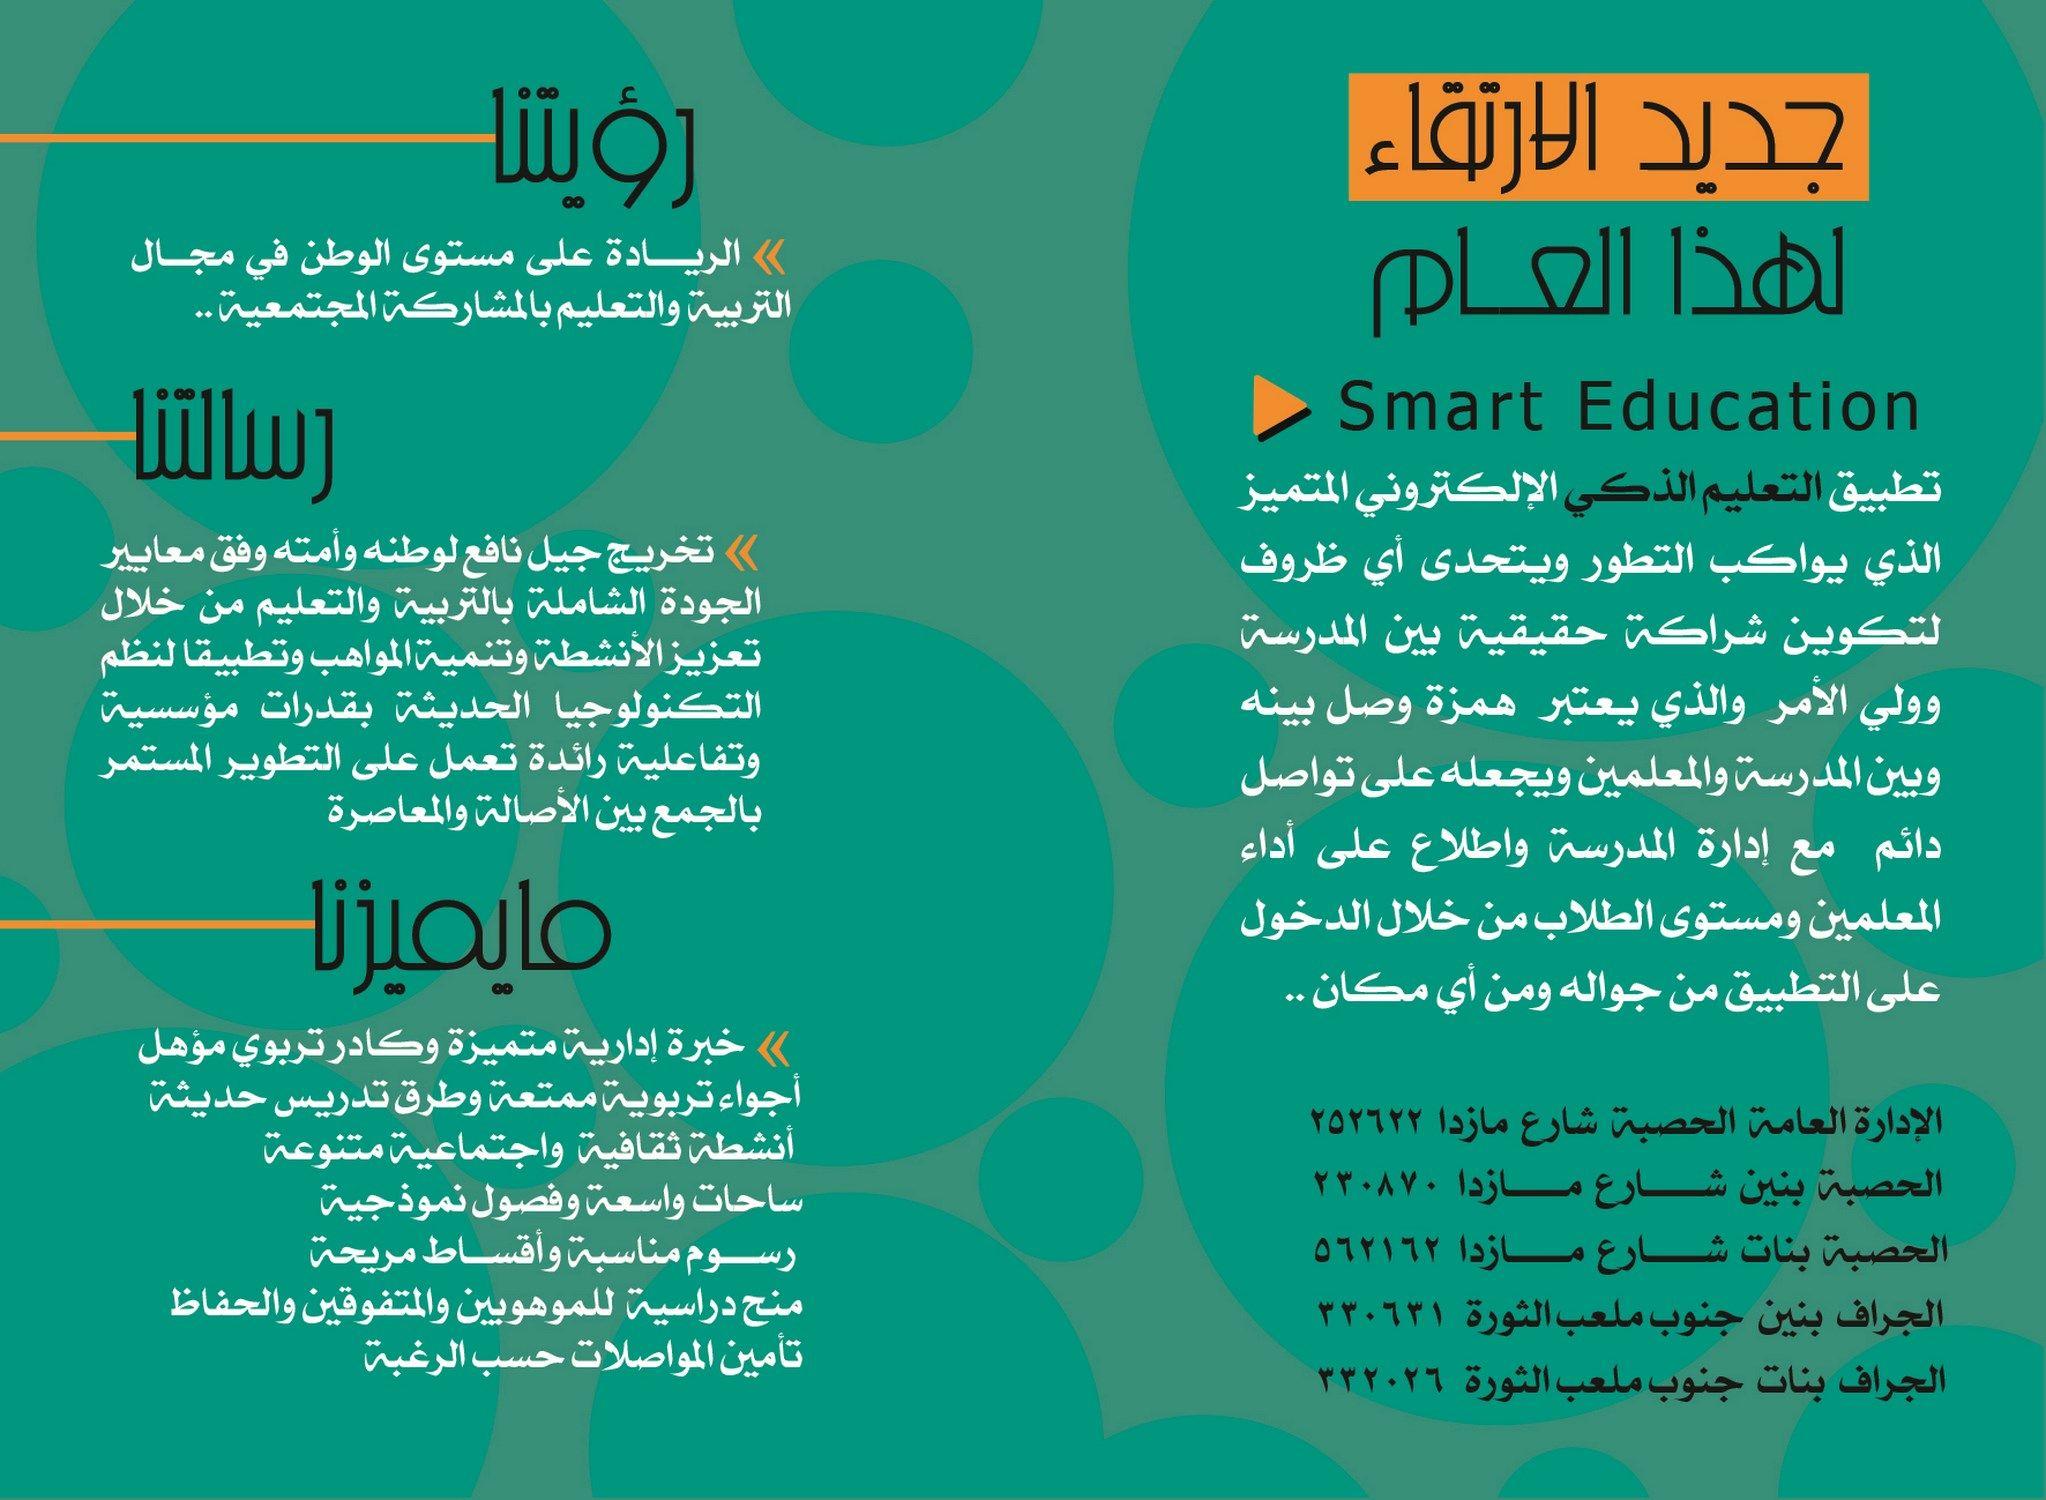 Pin By عبدالله المخلافي On اعلانات Education Smart